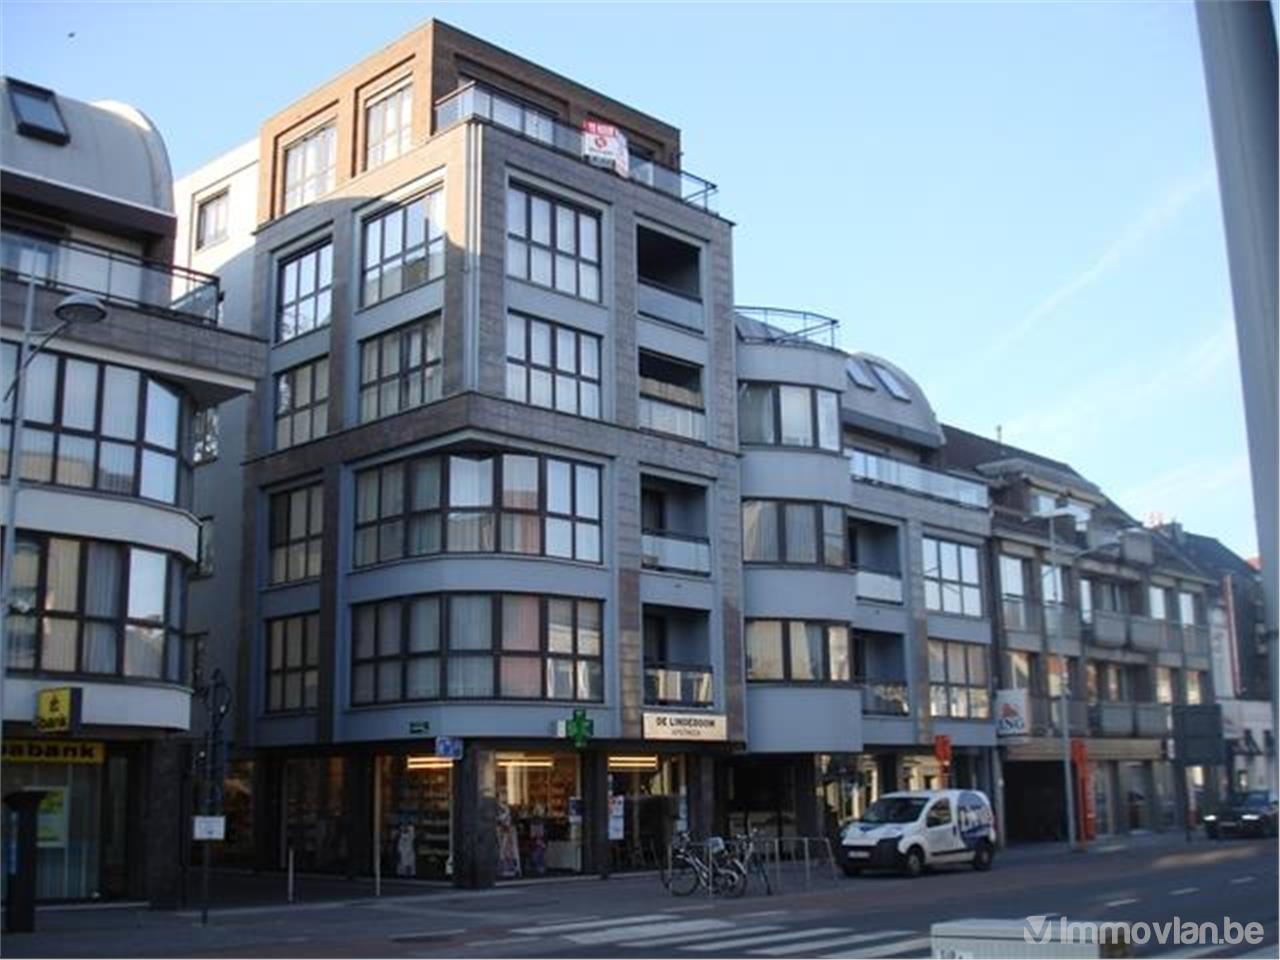 Appartement in boelare 23 eeklo for Appartement te koop oostenrijk tirol